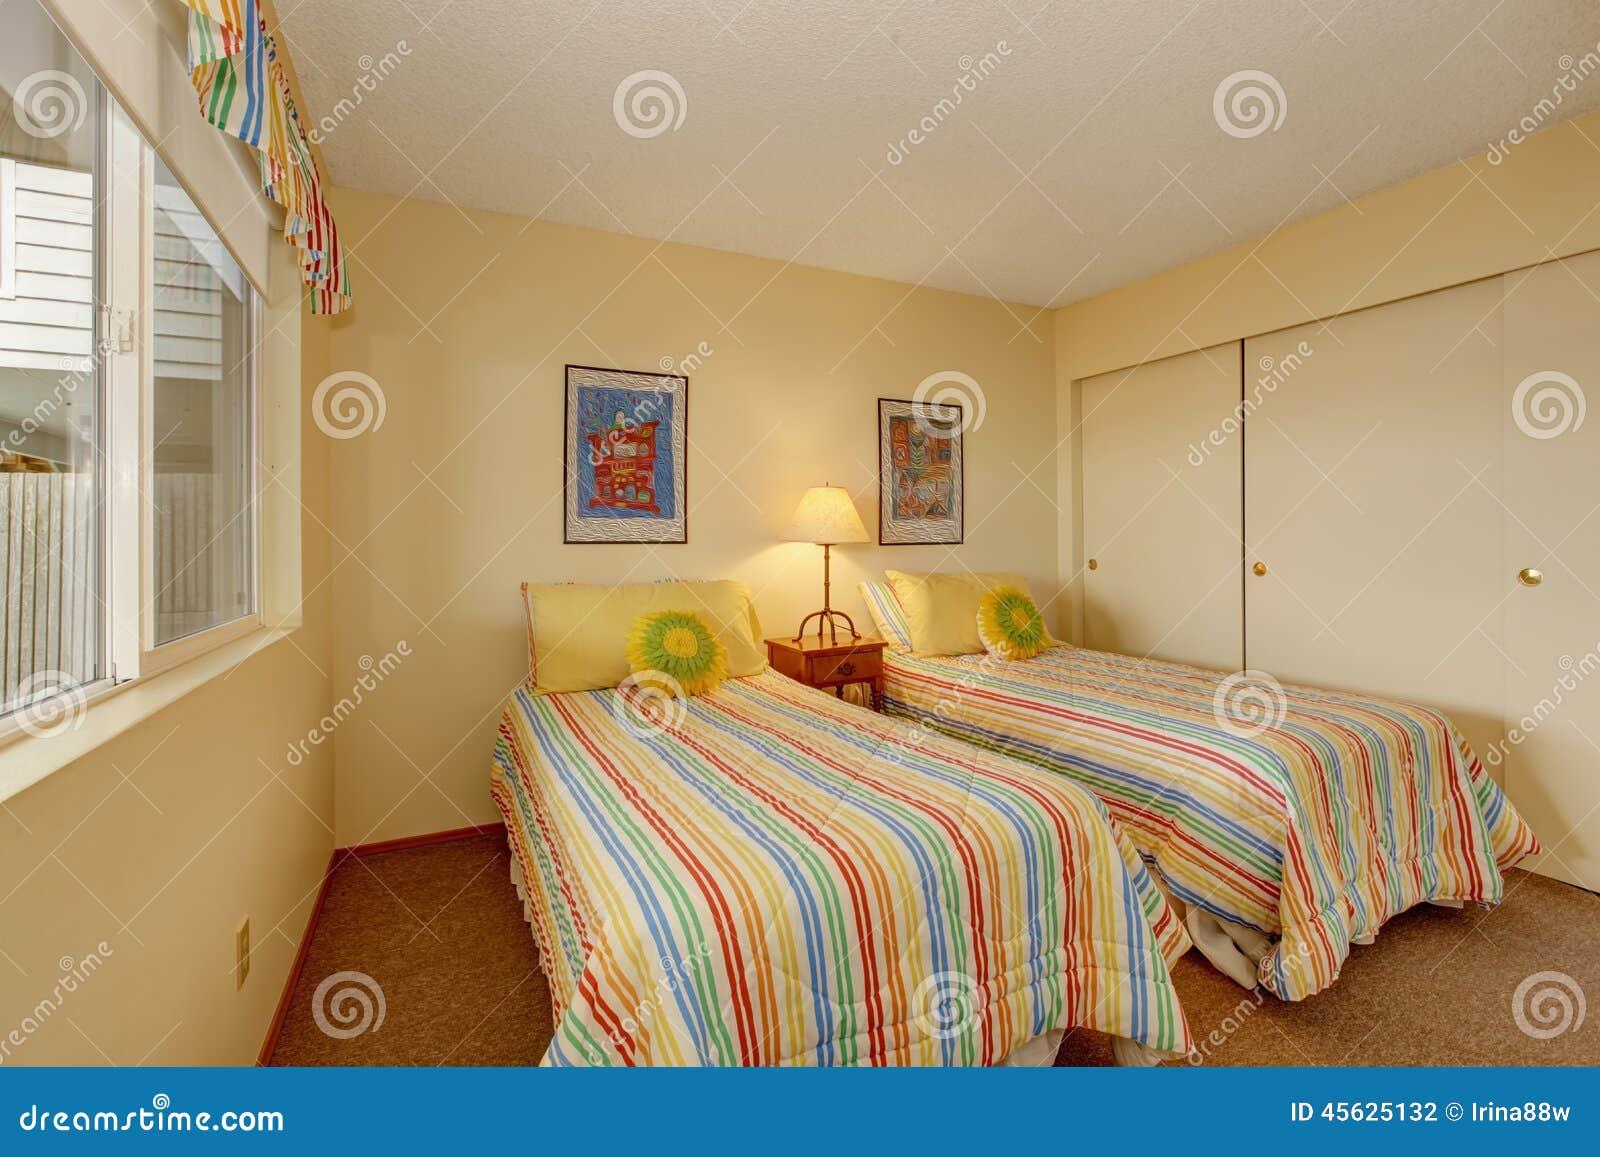 Camera da letto con due letti singoli nella lettiera - Divano letto con due letti singoli ...